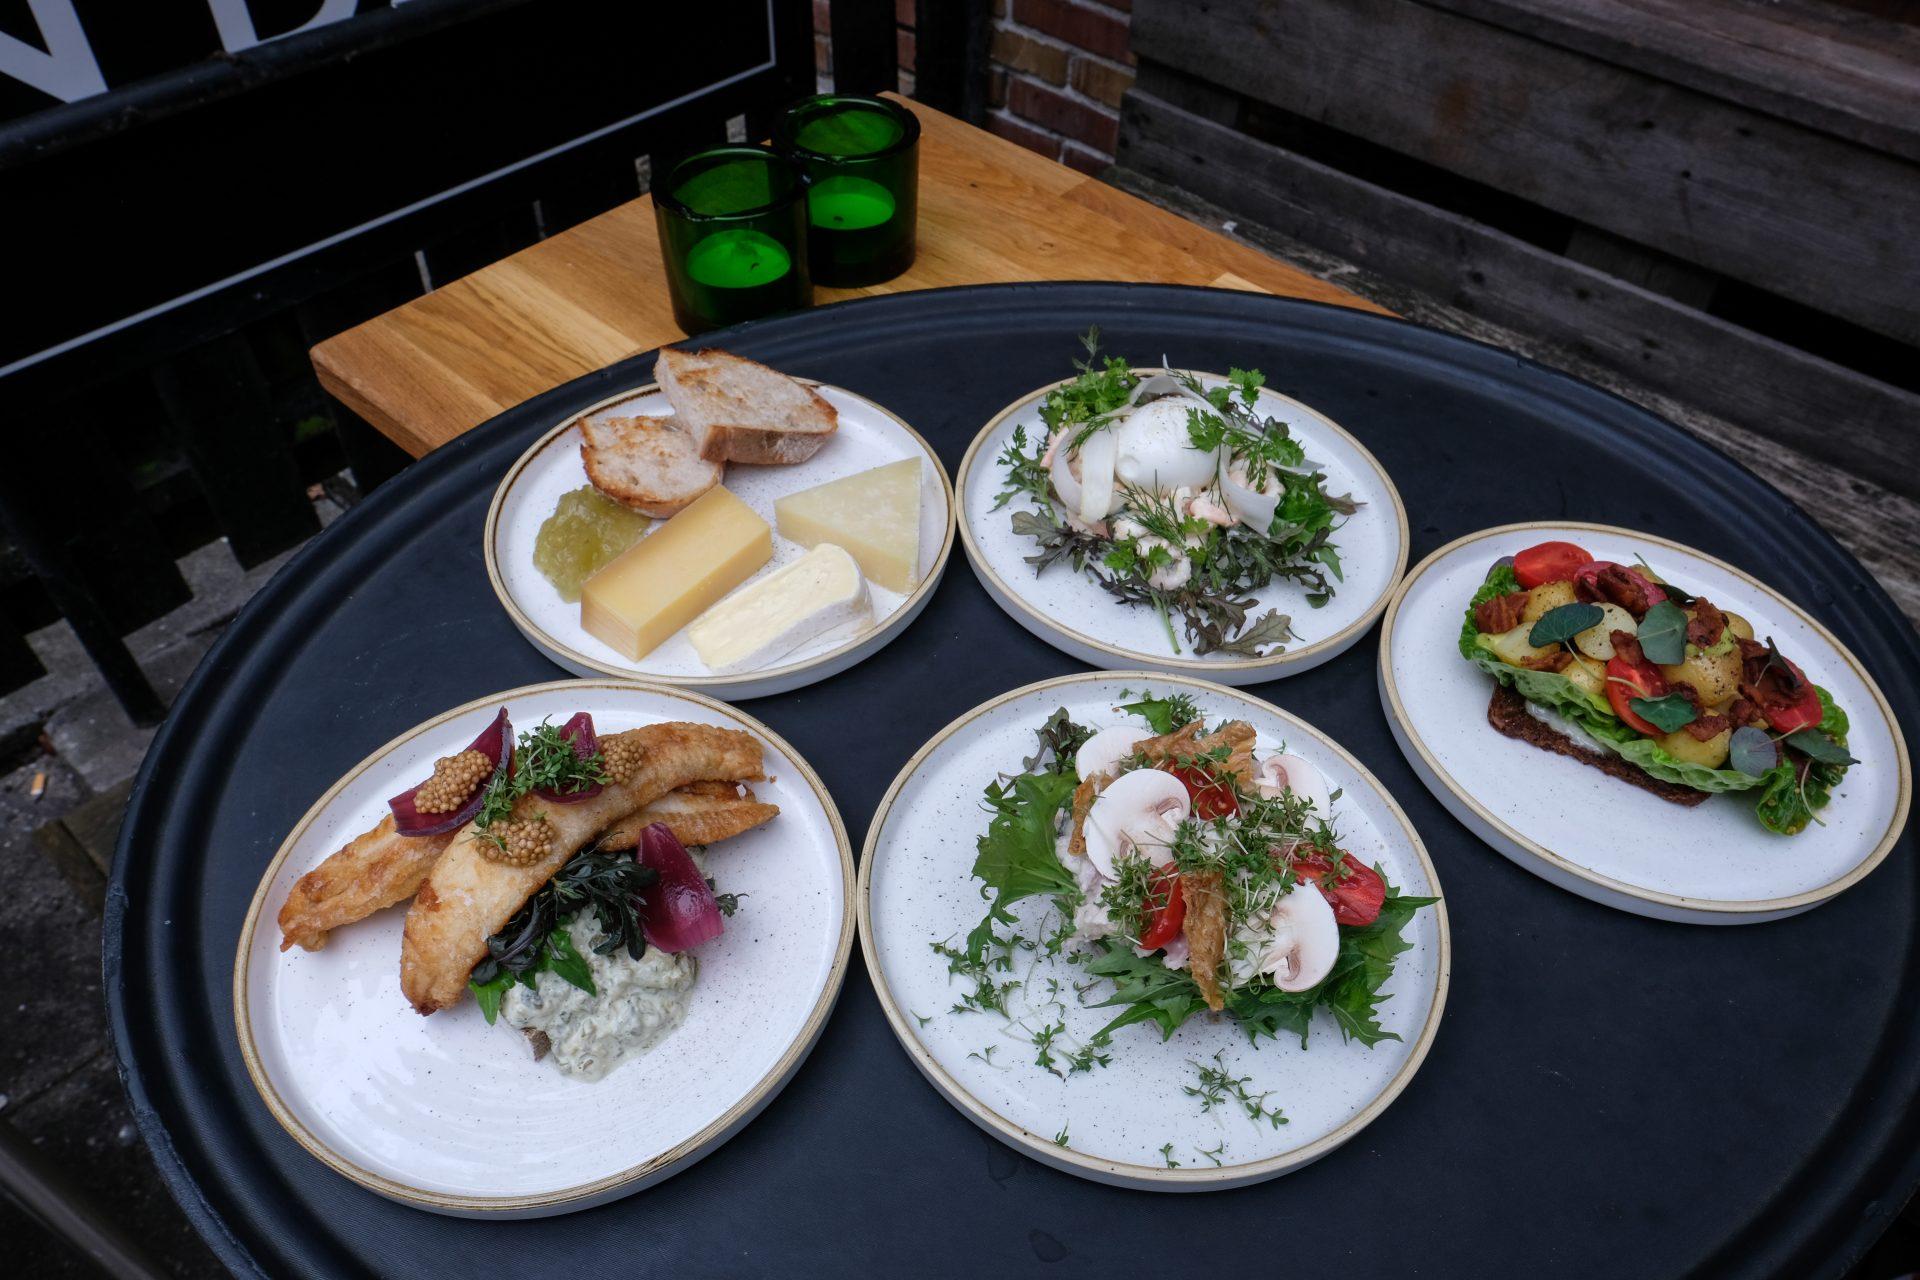 Takeaway i gårdhaven: Norsminde Kro laver bl.a. smørrebrød som takeaway